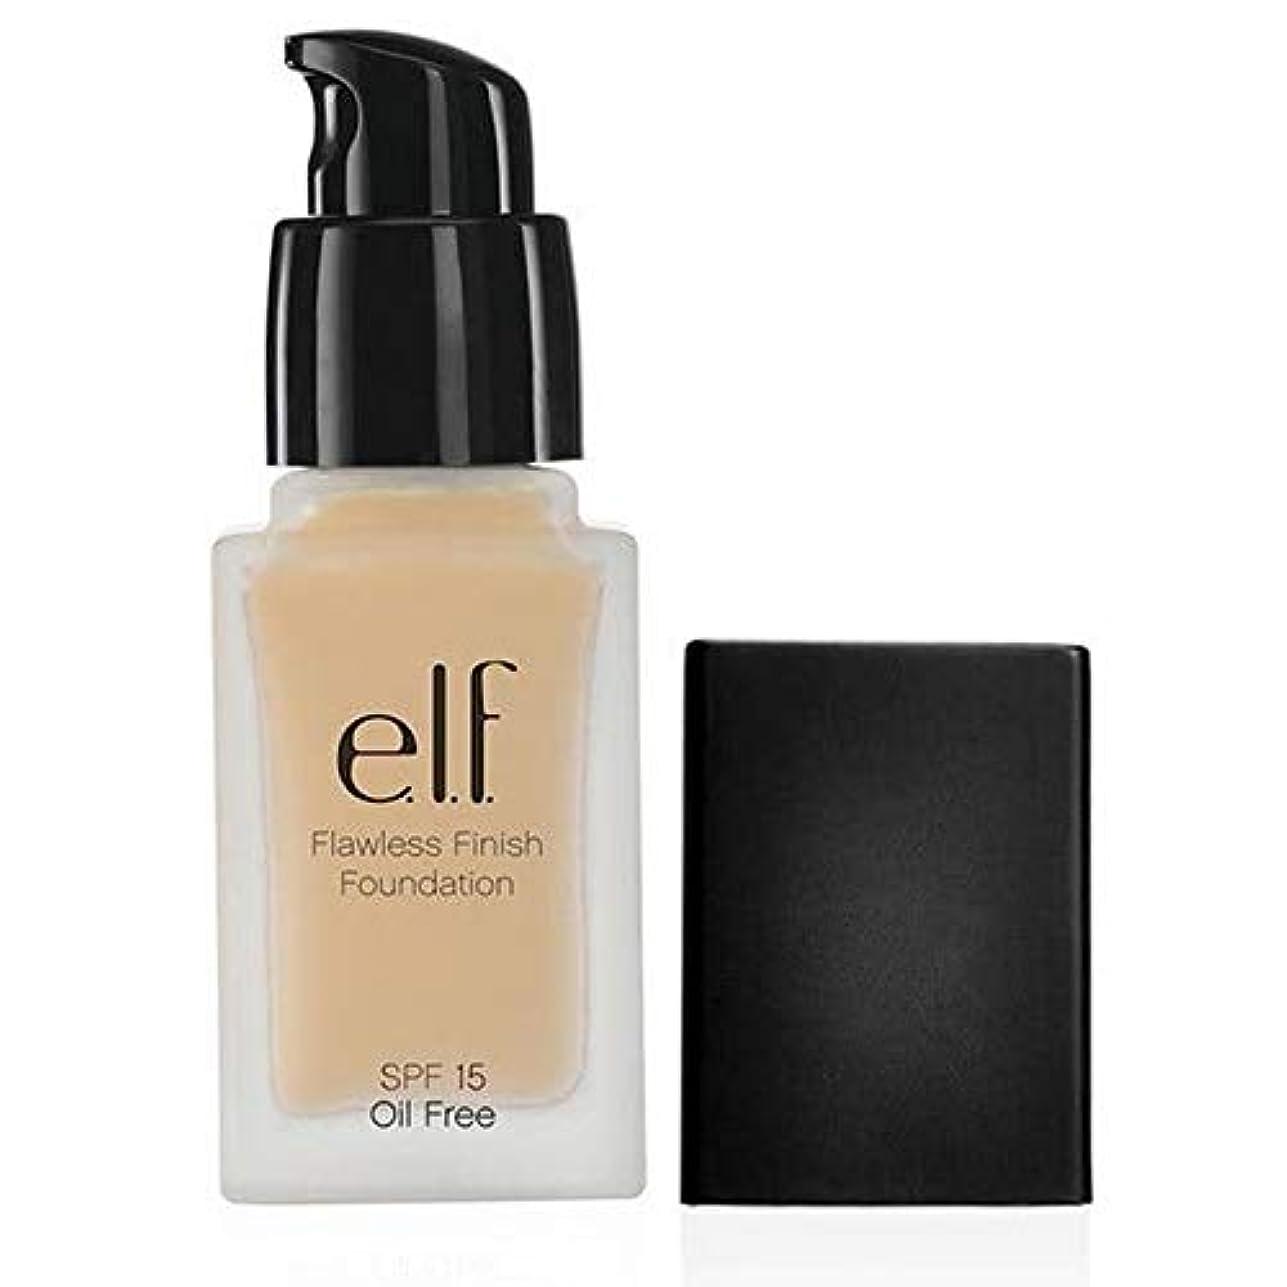 実証するブースト引数[Elf ] エルフ。完璧な仕上がりの基礎Spf15磁器111 - e.l.f. Flawless Finish Foundation SPF15 Porcelain 111 [並行輸入品]